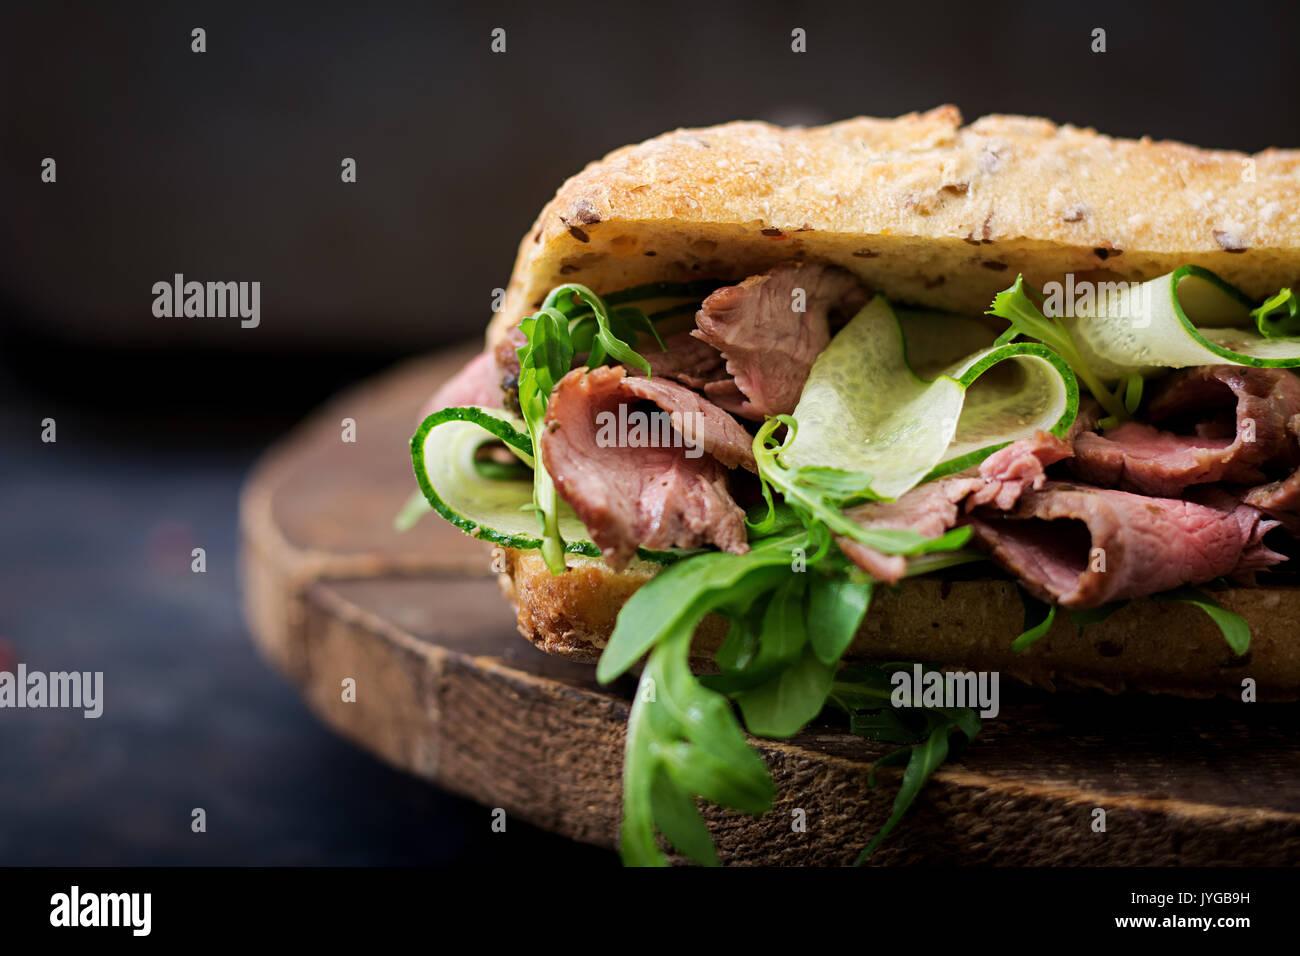 Sandwich von Vollkornbrot mit Roastbeef, Gurke und Rucola Stockbild